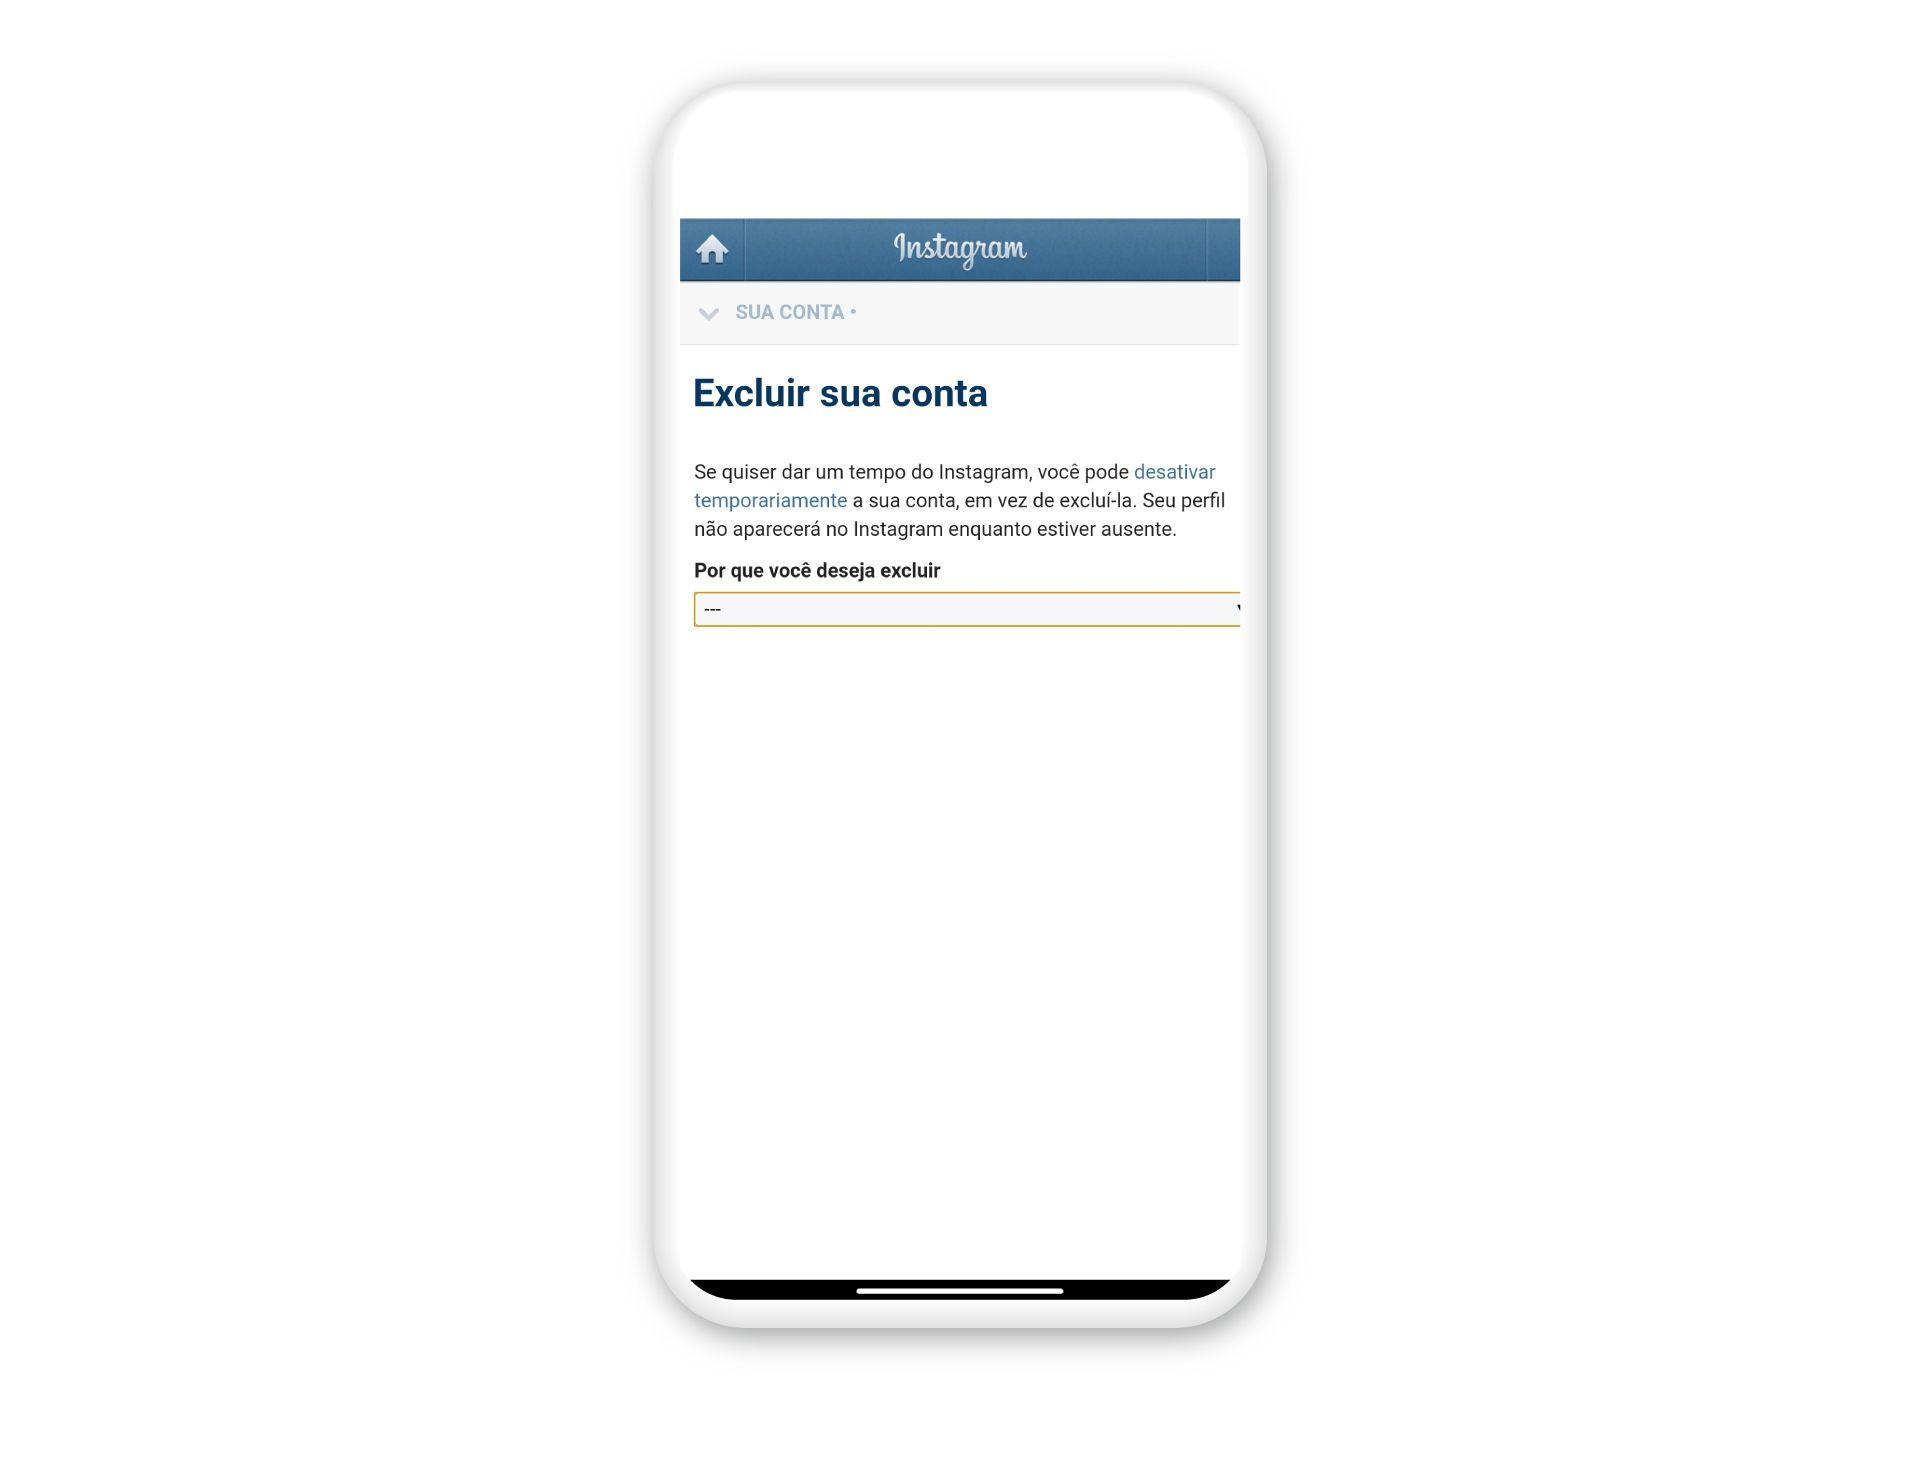 Como excluir Instagram: acesse o site pelo navegador do celular (Foto: Arte / Zoom)